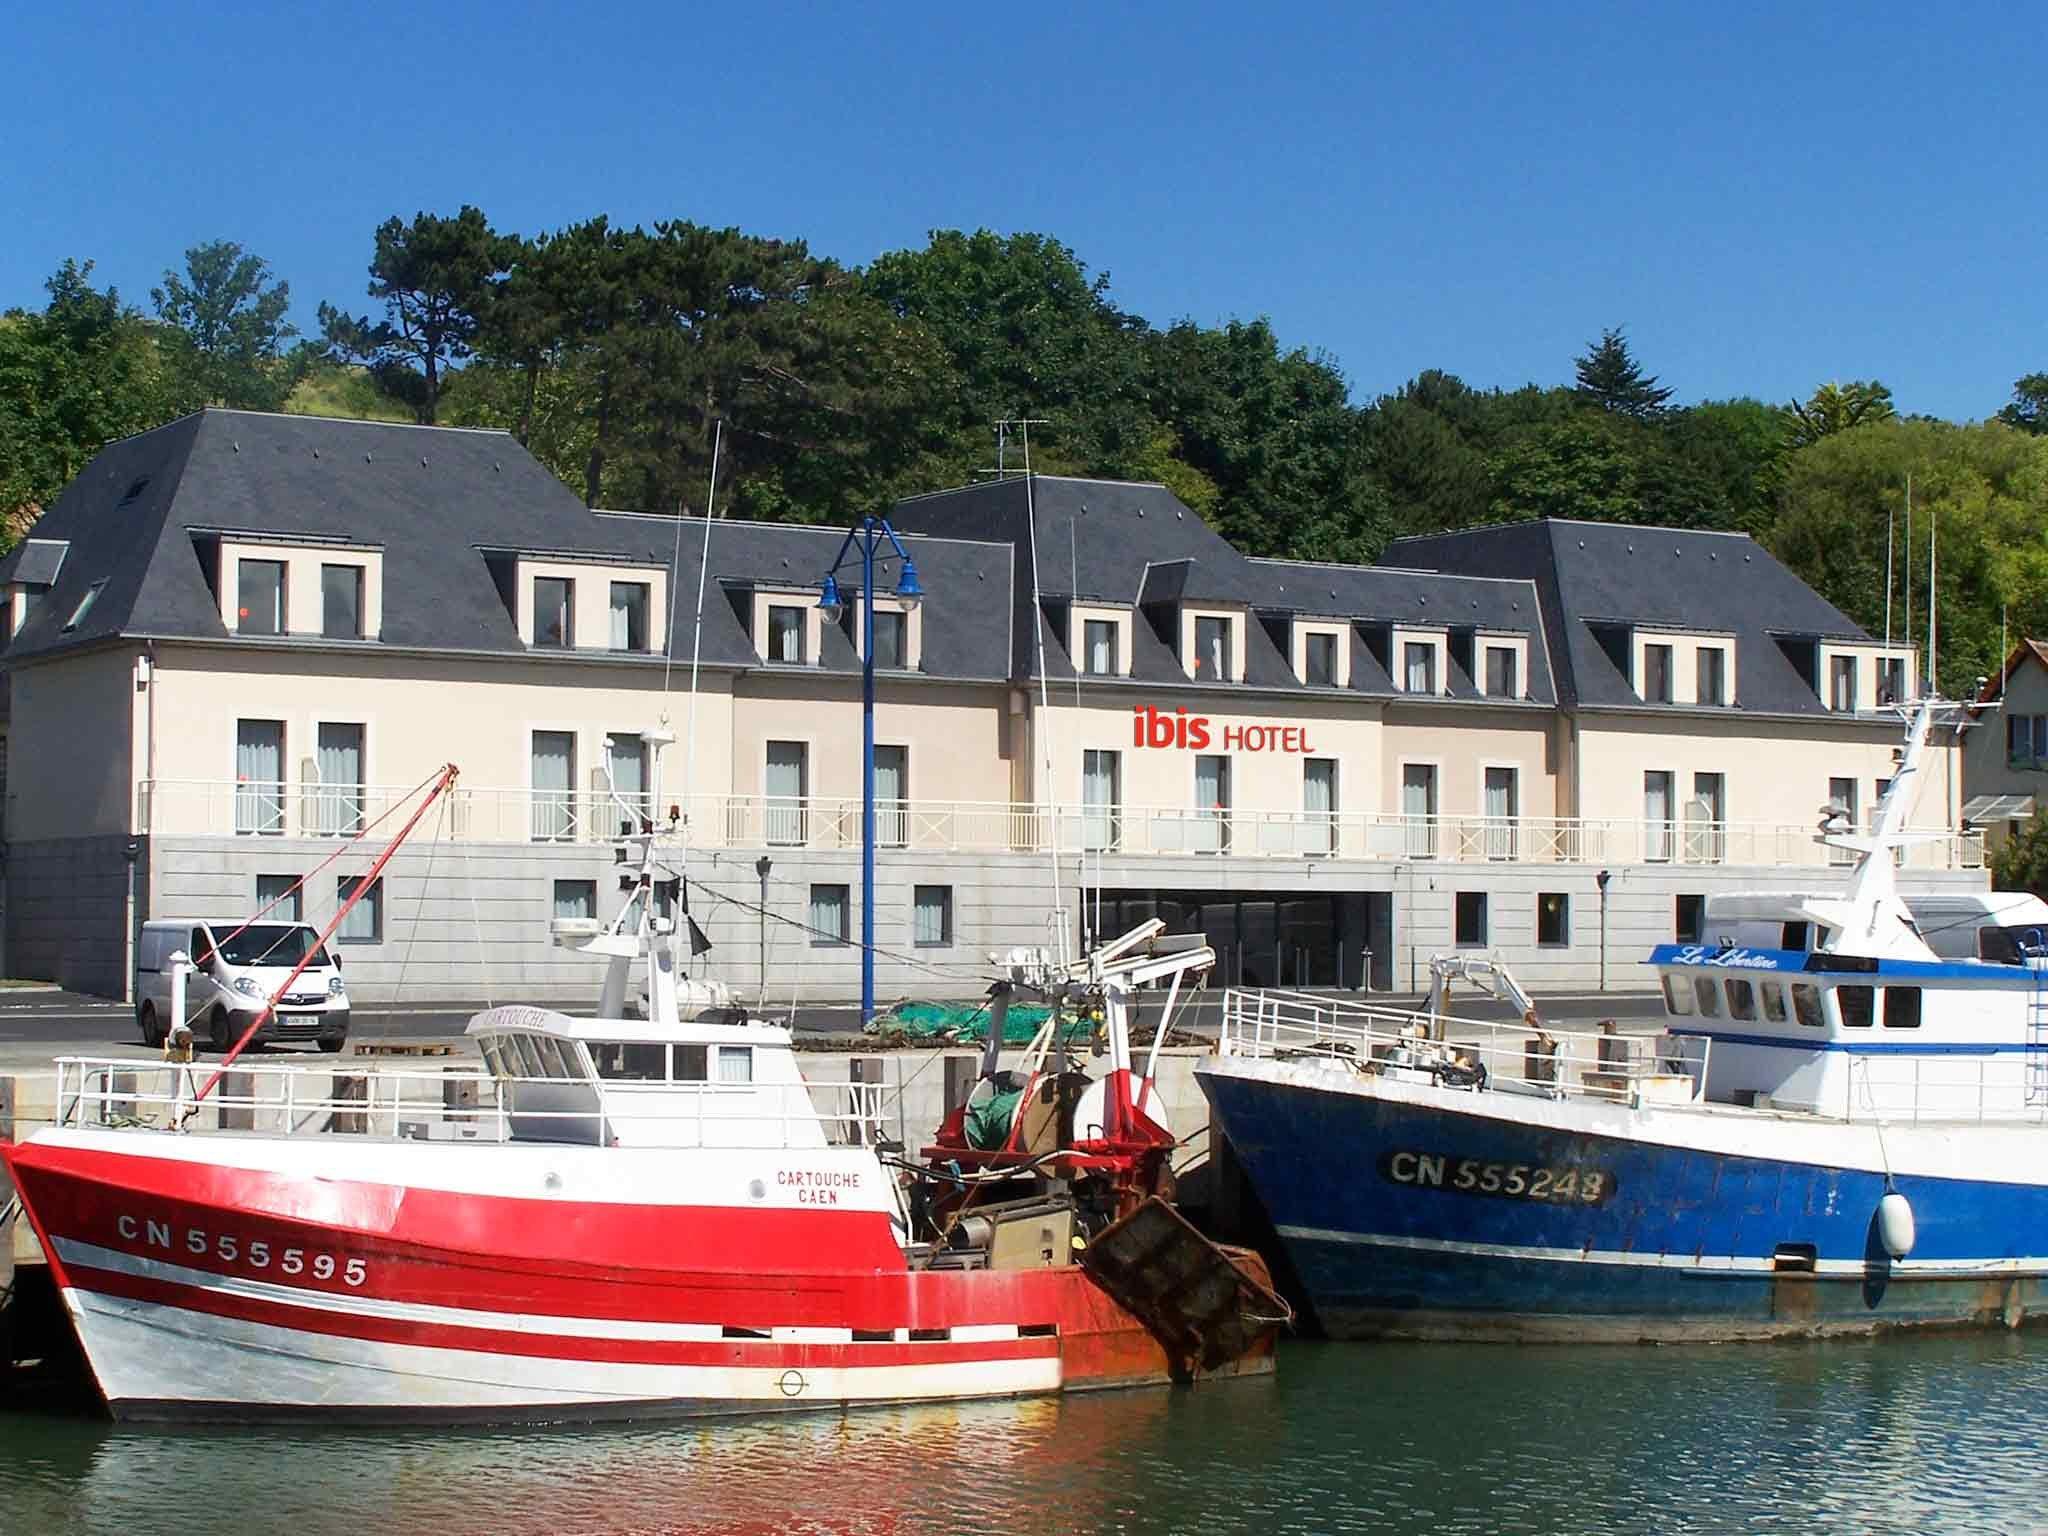 Hotel Ibis Bayeux Port En Bessin